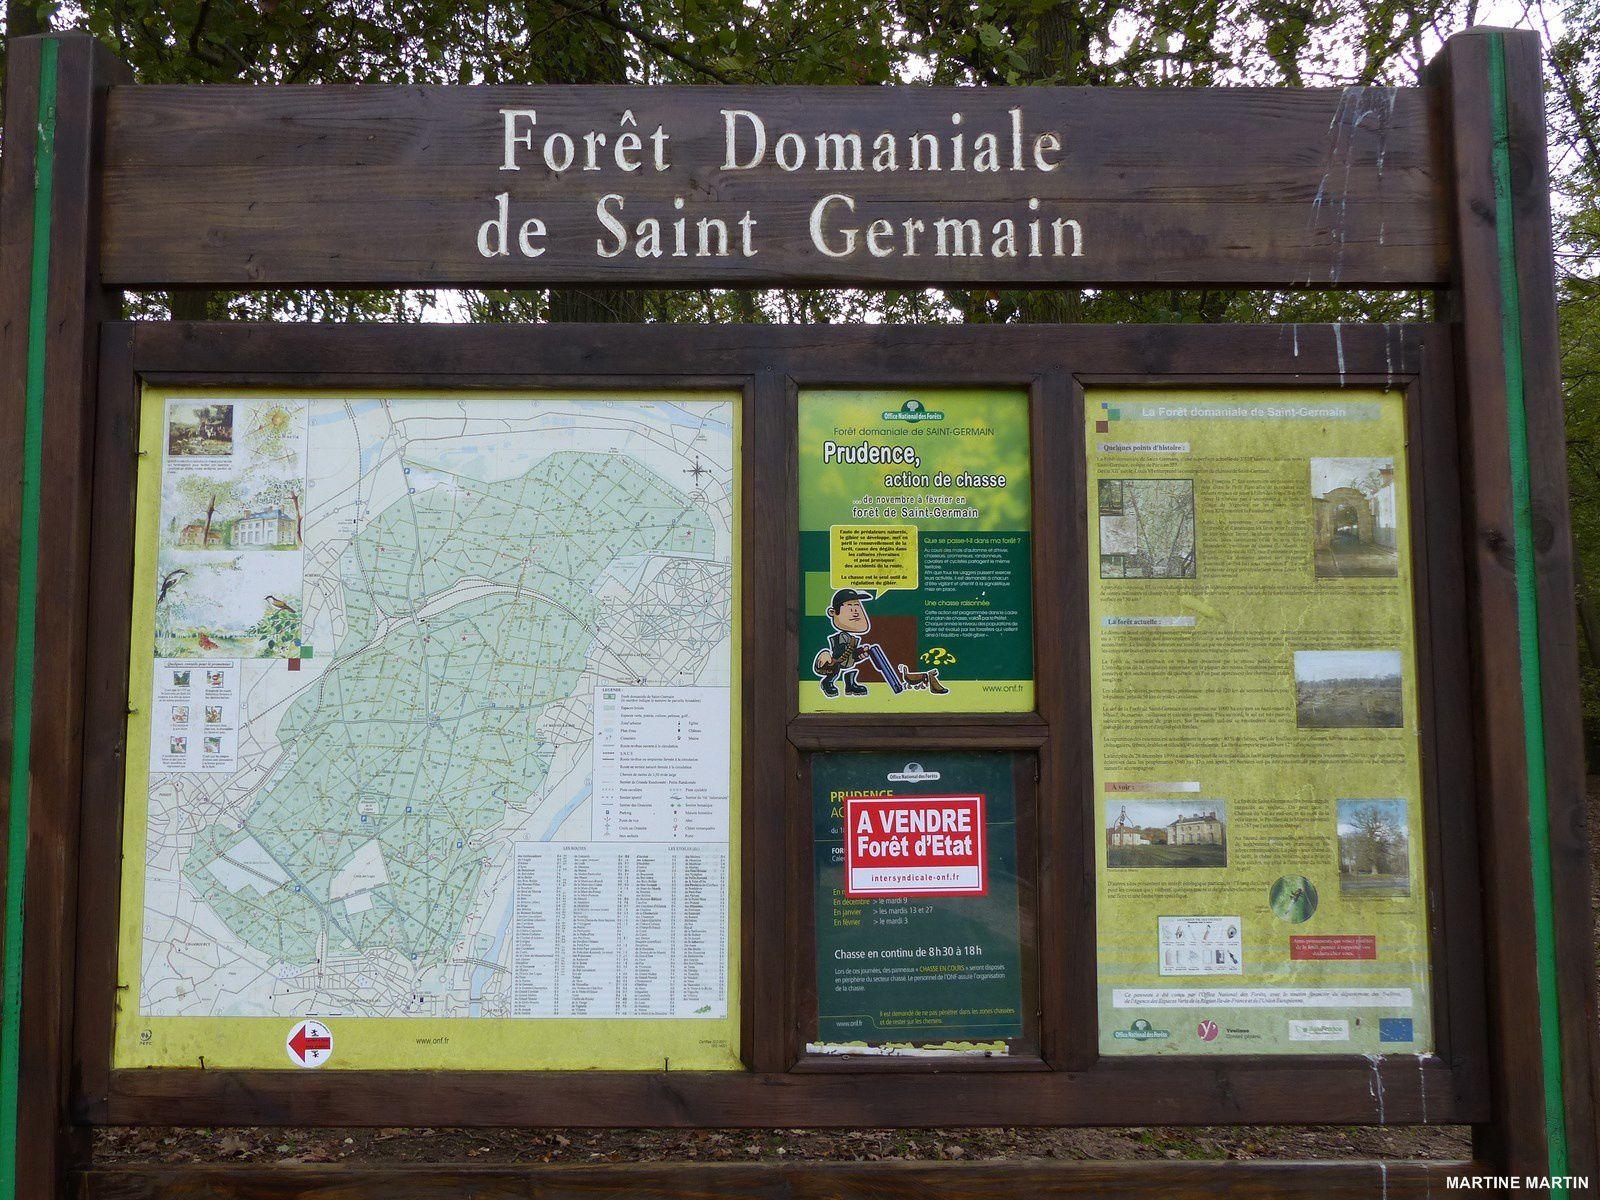 Promenade en for t de saint germain en laye cergyrama - Foret saint germain en laye plan ...